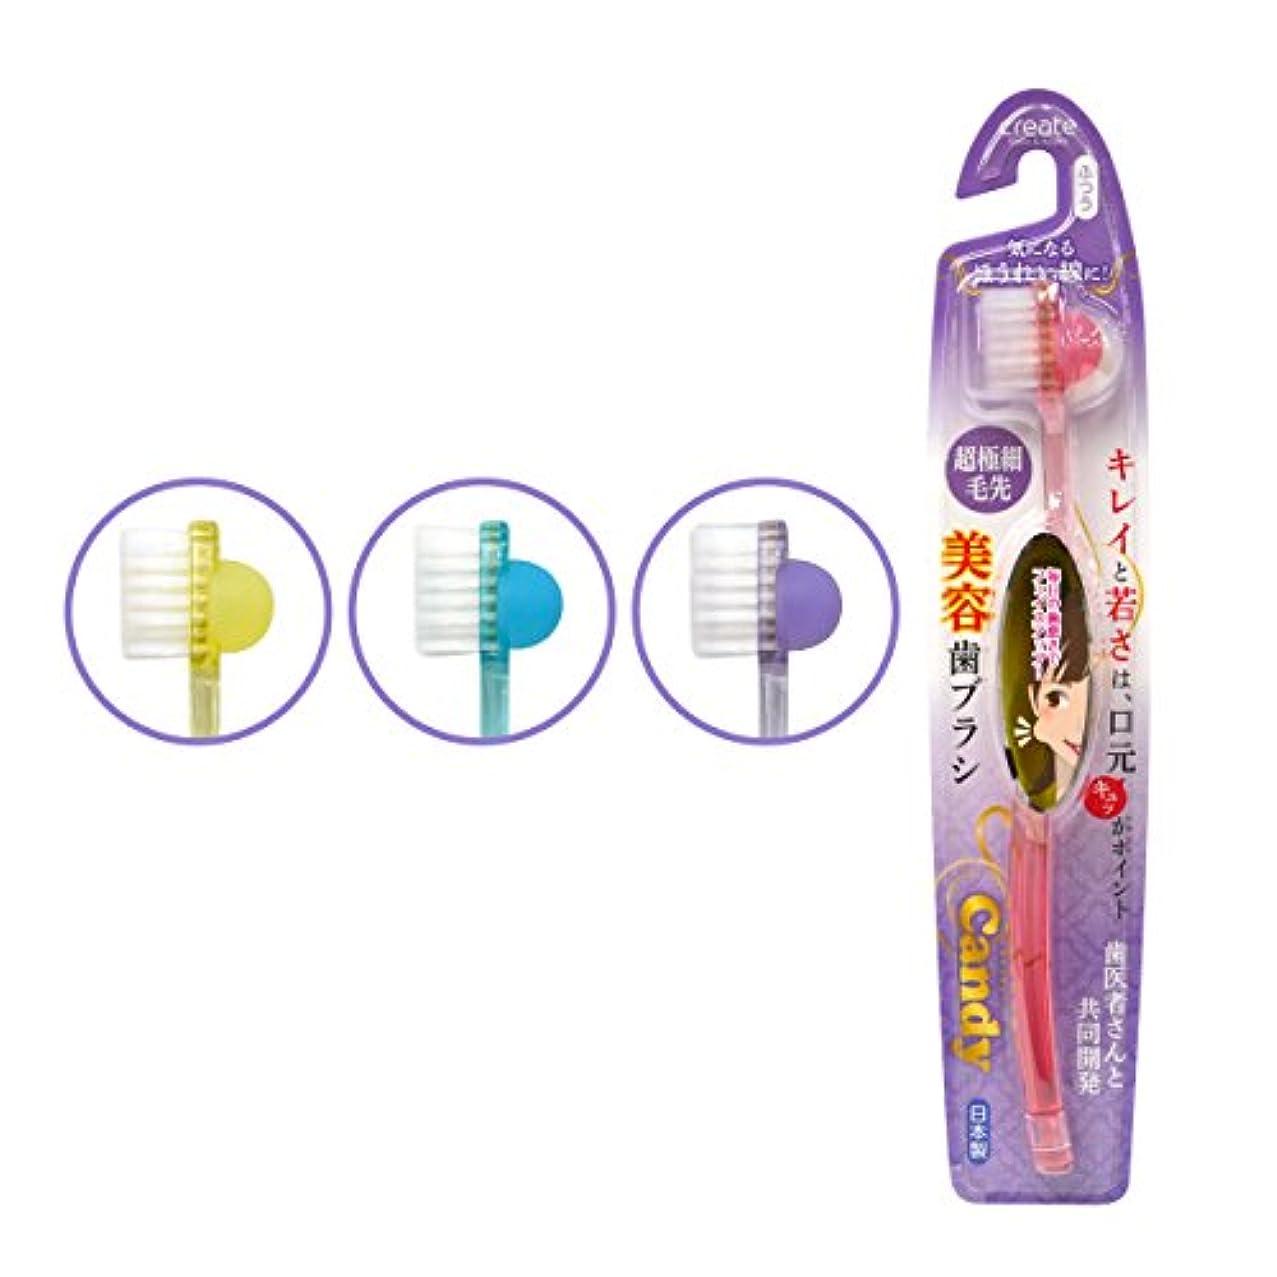 candy(キャンディー)美容歯ブラシ ふつう 3本セット ※カラーランダム